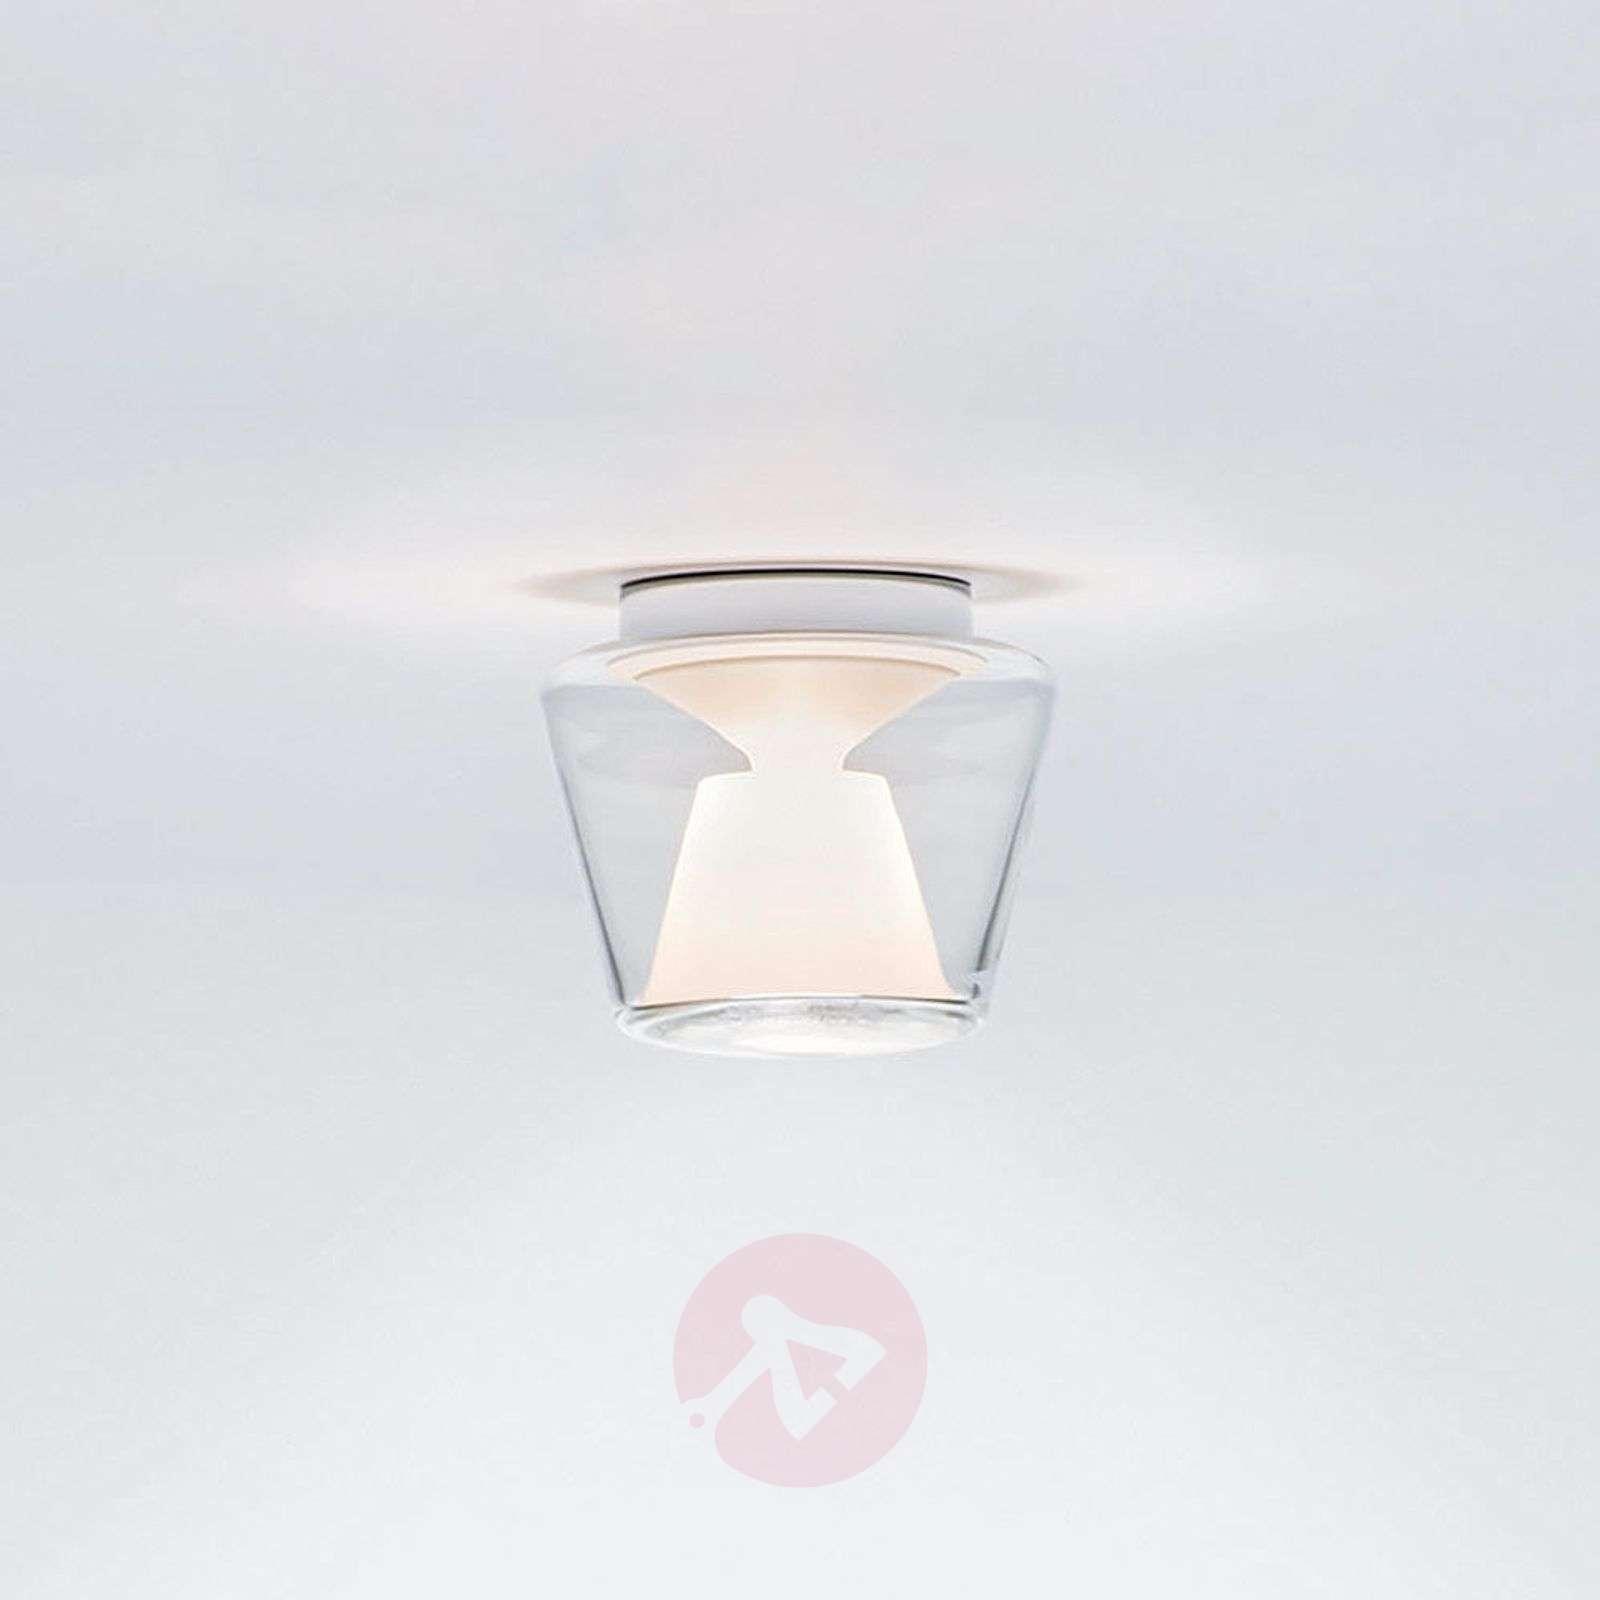 Serien Lighting Annex S Led Ceiling Lamp Opal